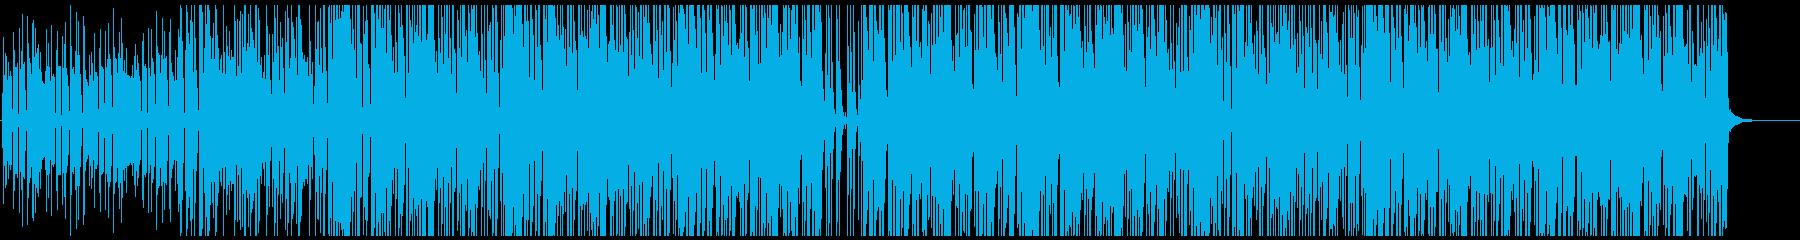 ポップでファンキーなロックの再生済みの波形